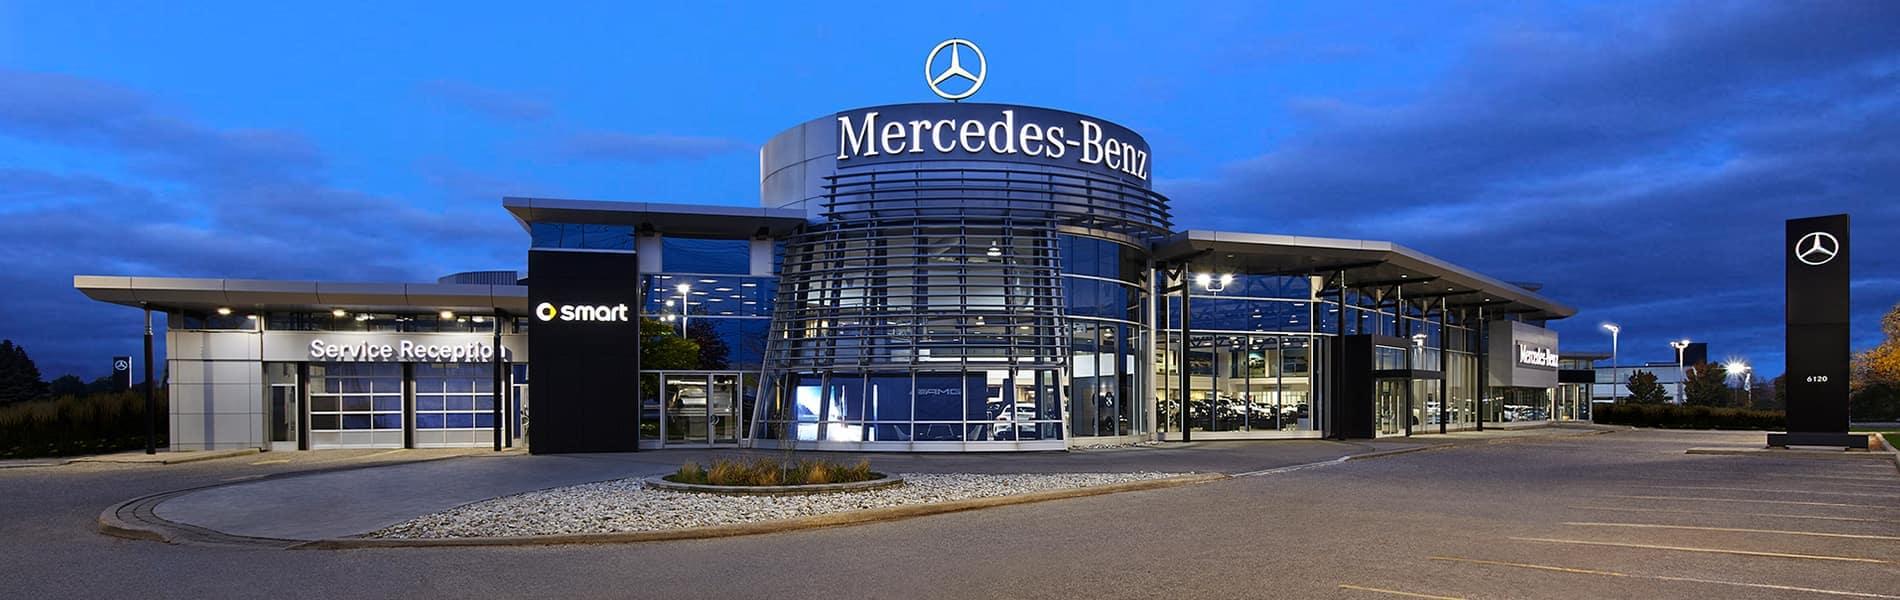 Mercedes Benz Dealership >> Mercedes Benz And Used Car Dealer Mercedes Benz Mississauga